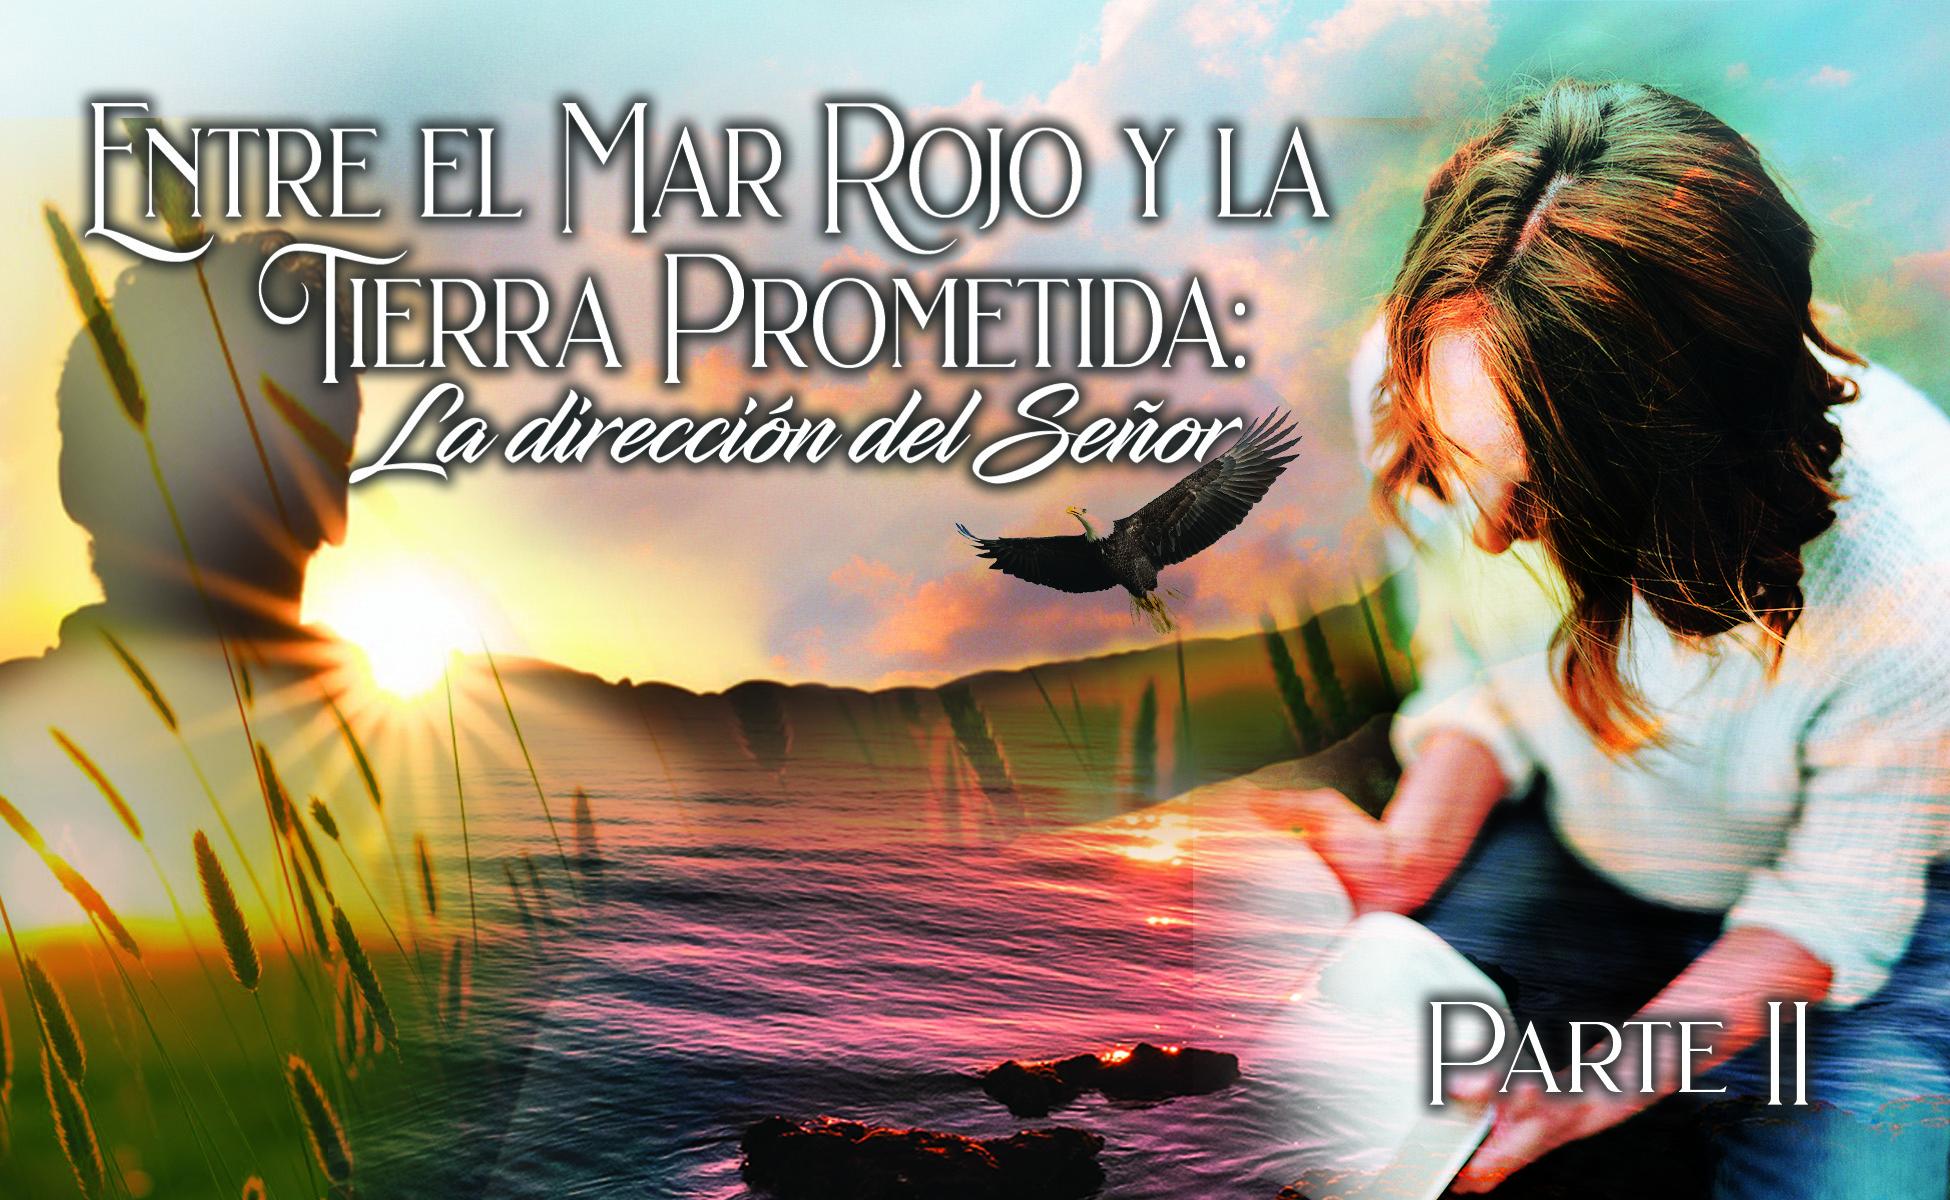 """748 • Entre el Mar Rojo y la Tierra Prometida: """"La dirección del señor"""" - Parte II • El Heraldo Digital del 14 de junio del 2020 • Volumen XV • 748"""